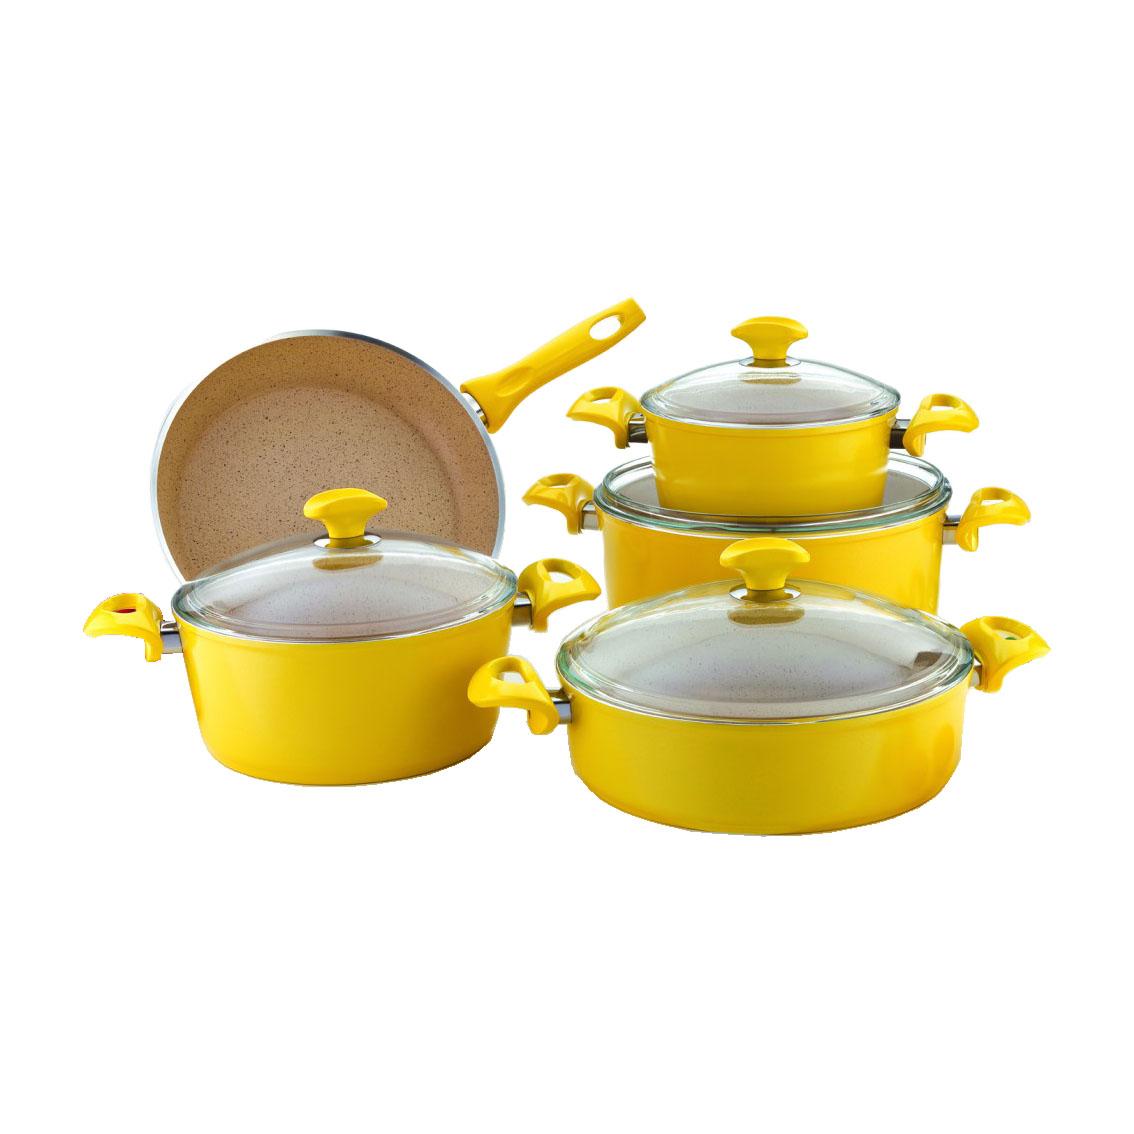 سرویس پخت و پز 9 پارچه فالز مدل شکر